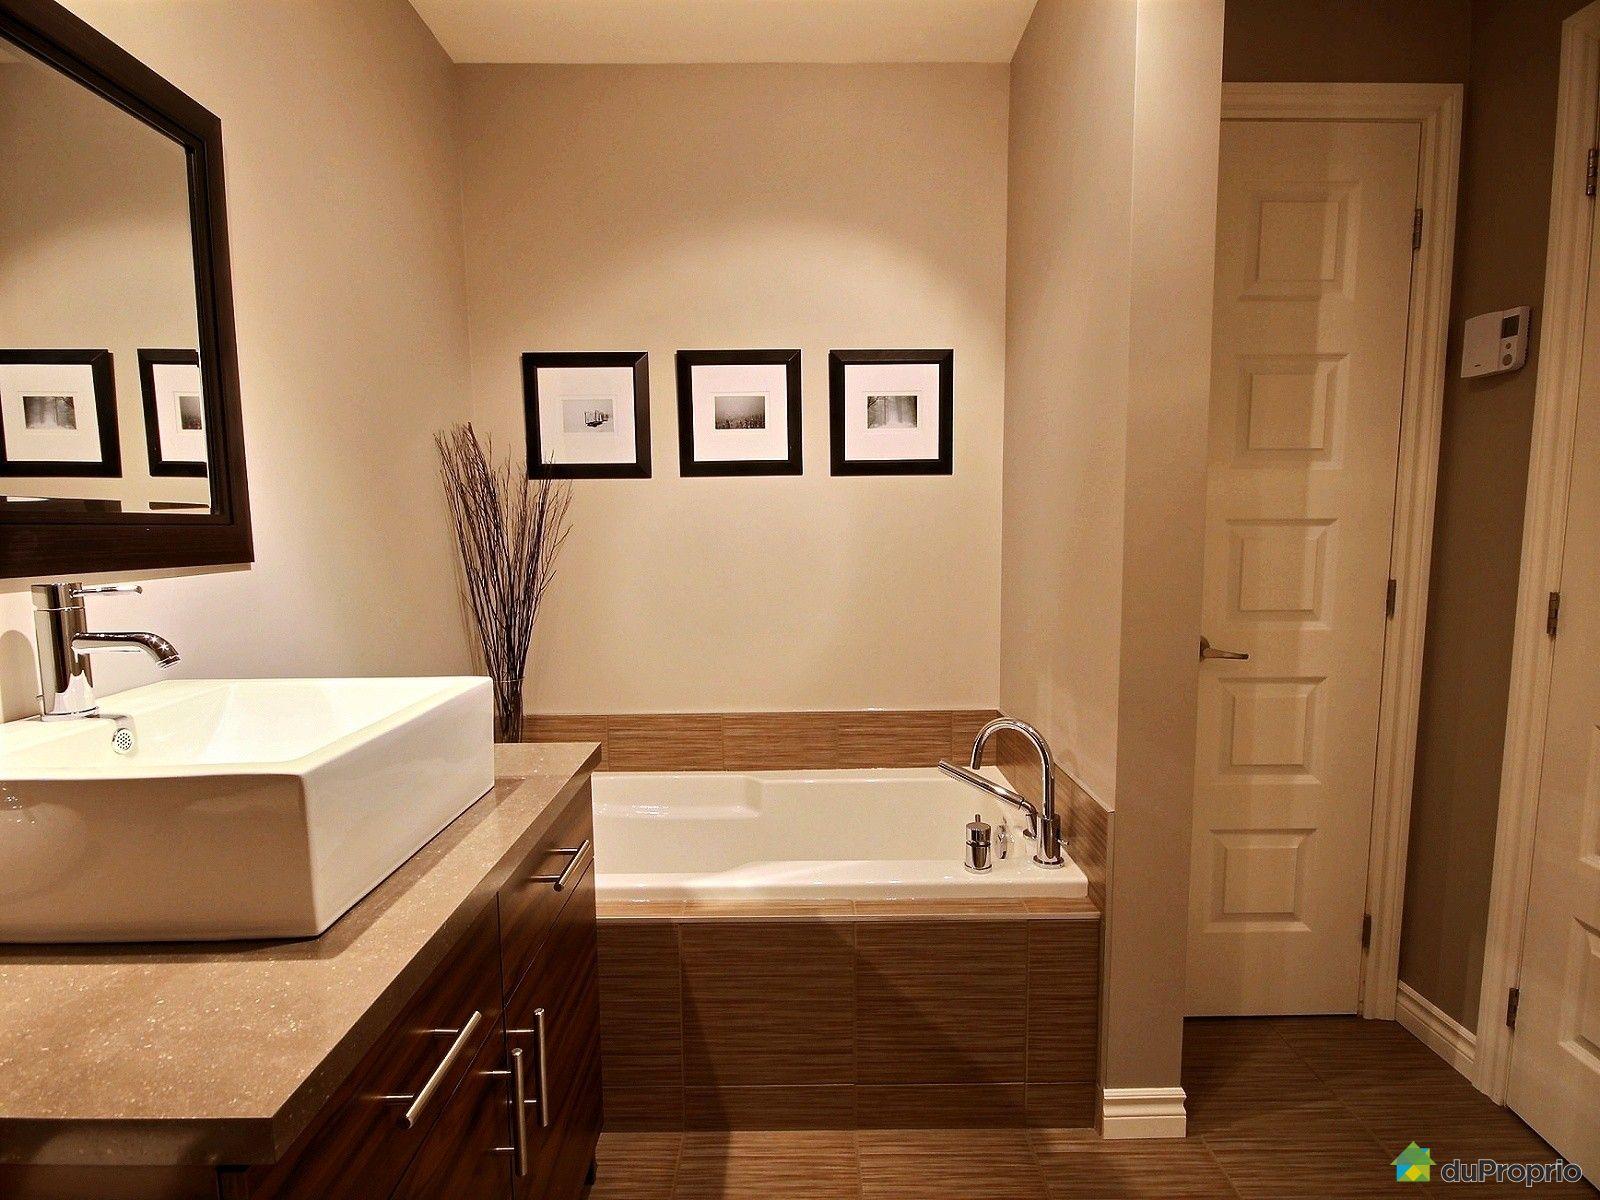 Maison vendu baie st paul immobilier qu bec duproprio for Salle de bain commune a deux chambres